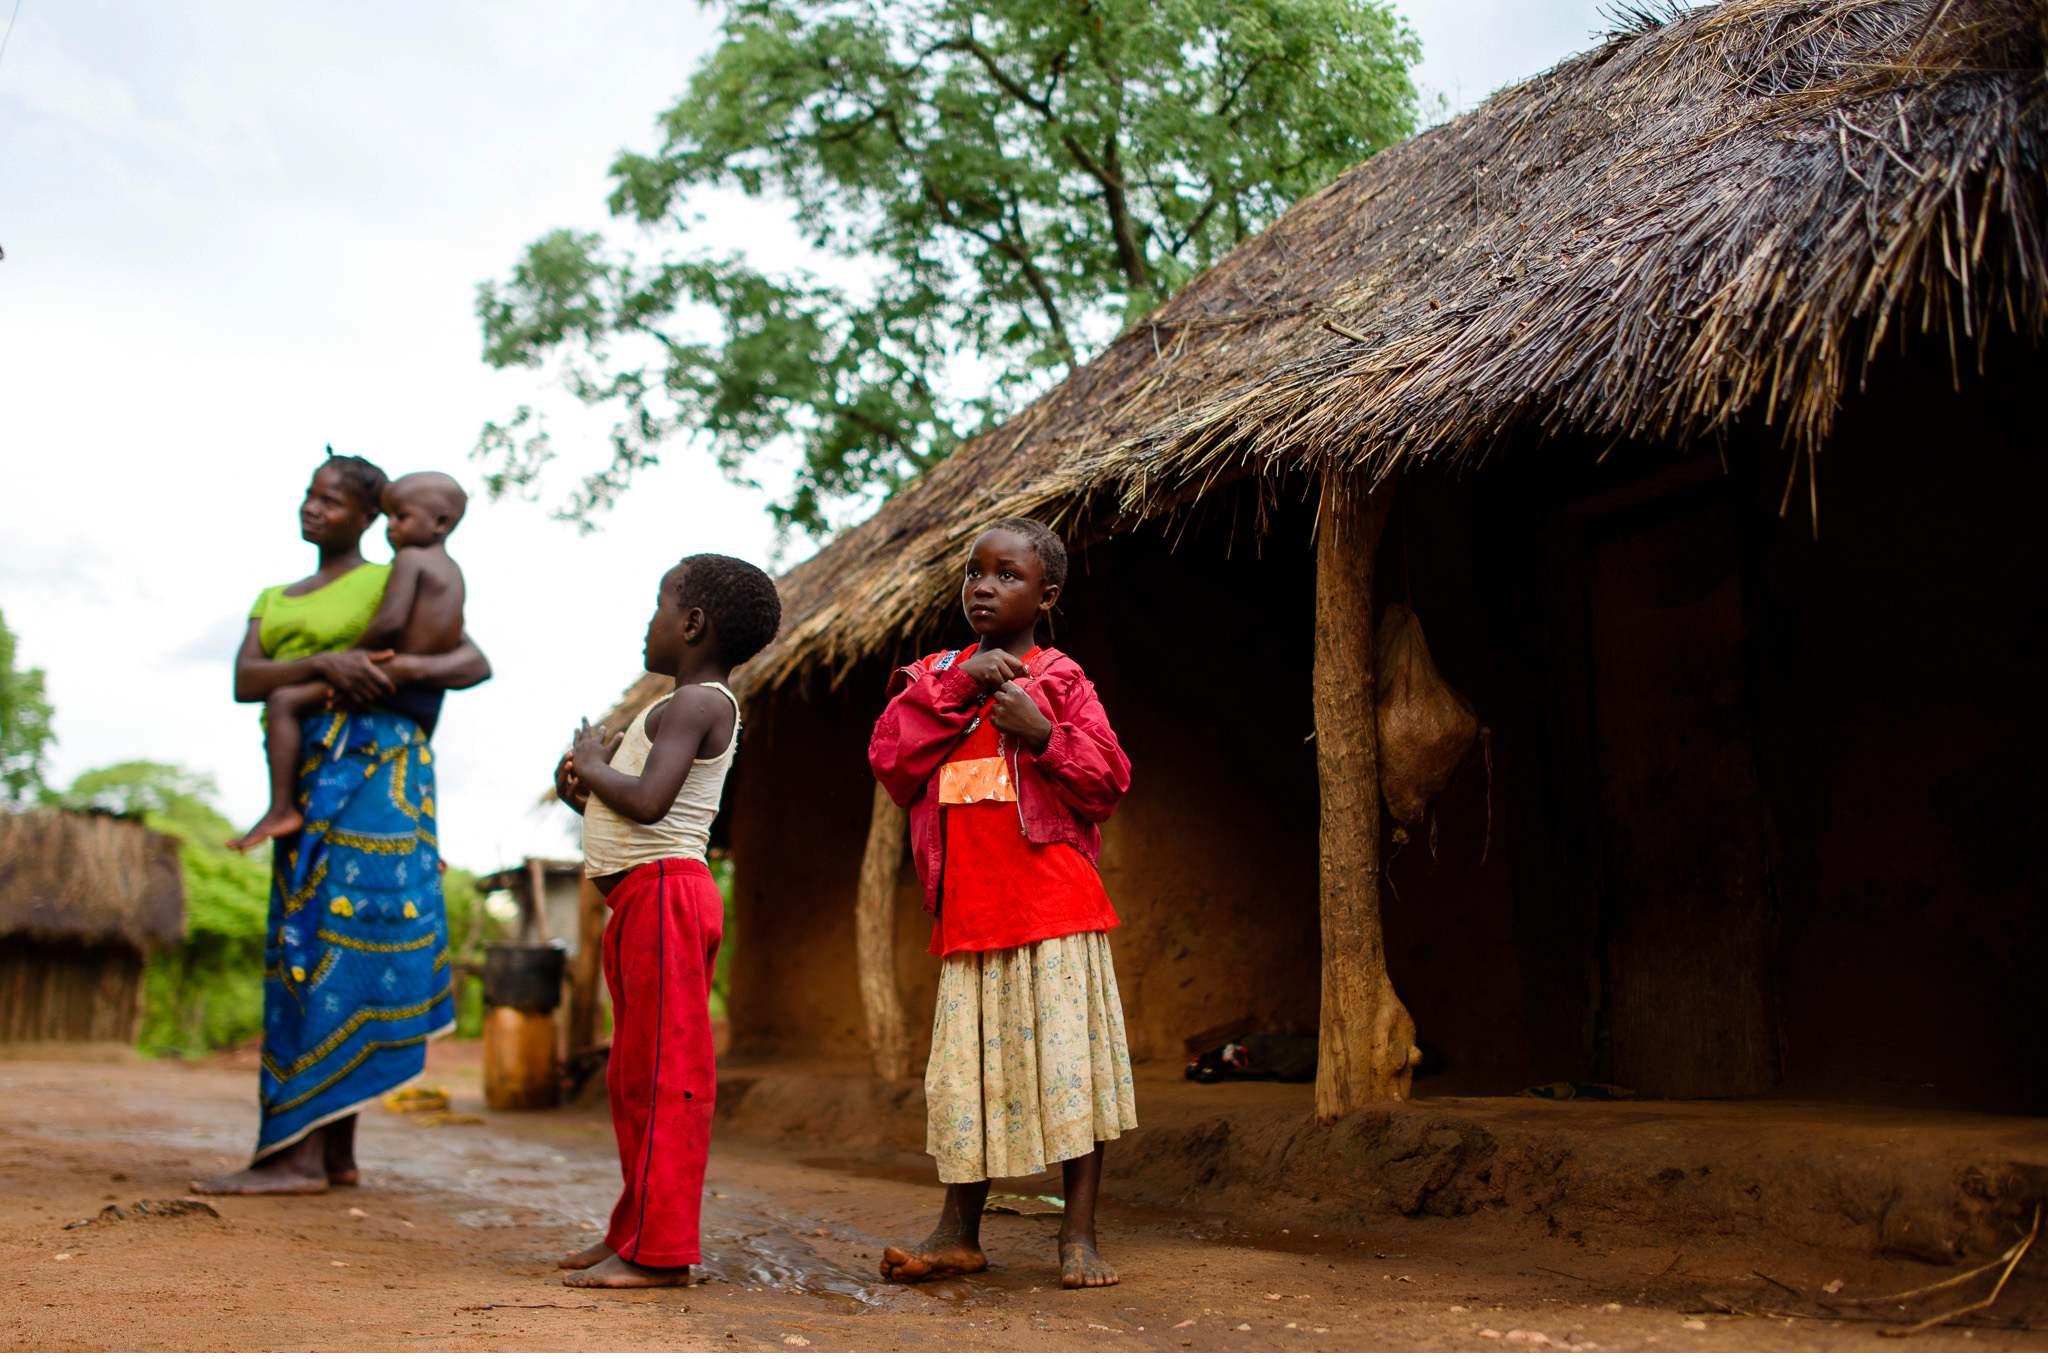 Vom South Luangwa in Zambia an den Malawi See - Marion und Daniel - Geschichten von unterwegs-16